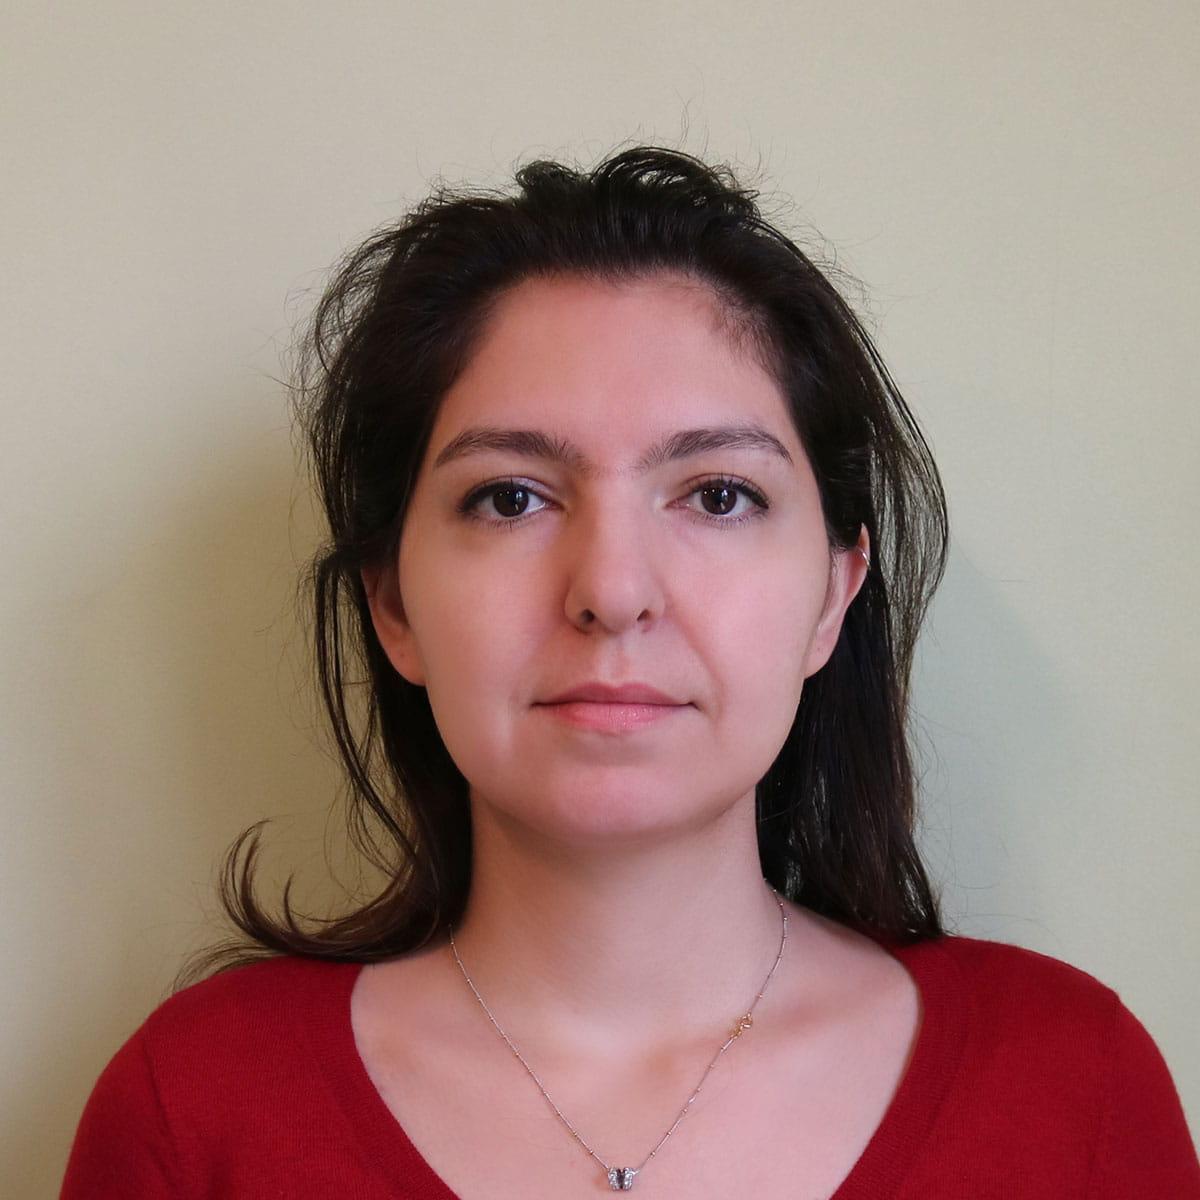 نموذج الصورة الشخصية للنساء غير المحجبات من أجل فيزا ايران